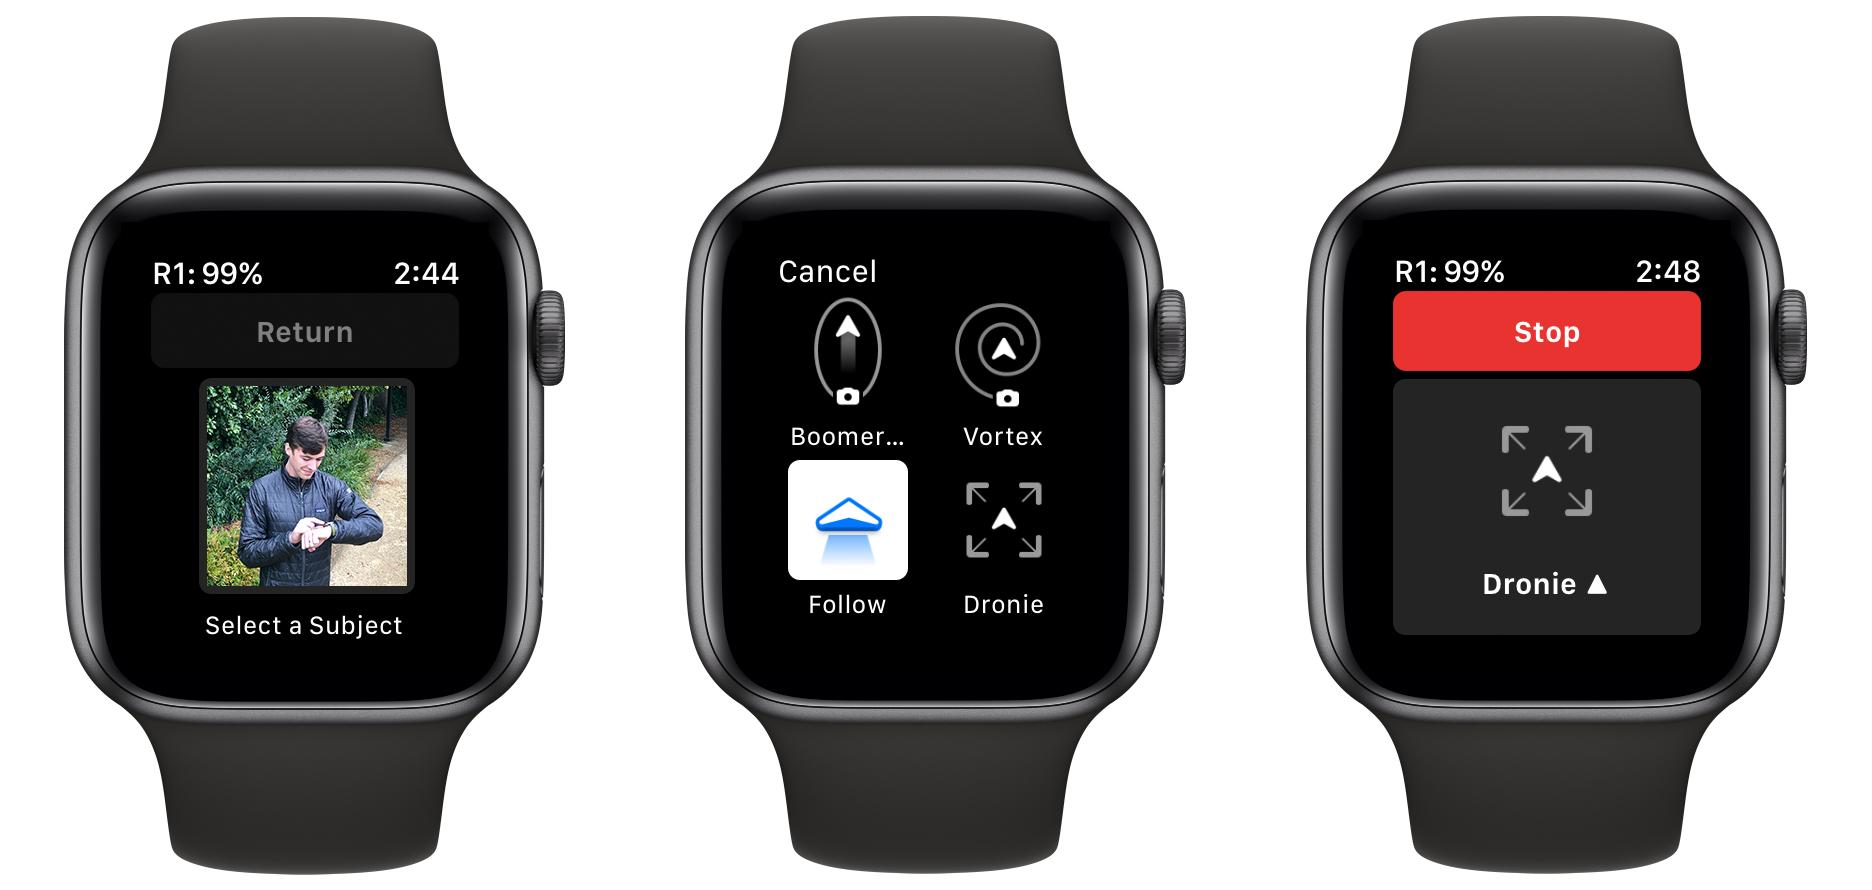 Drohnensteuerung per Apple Watch